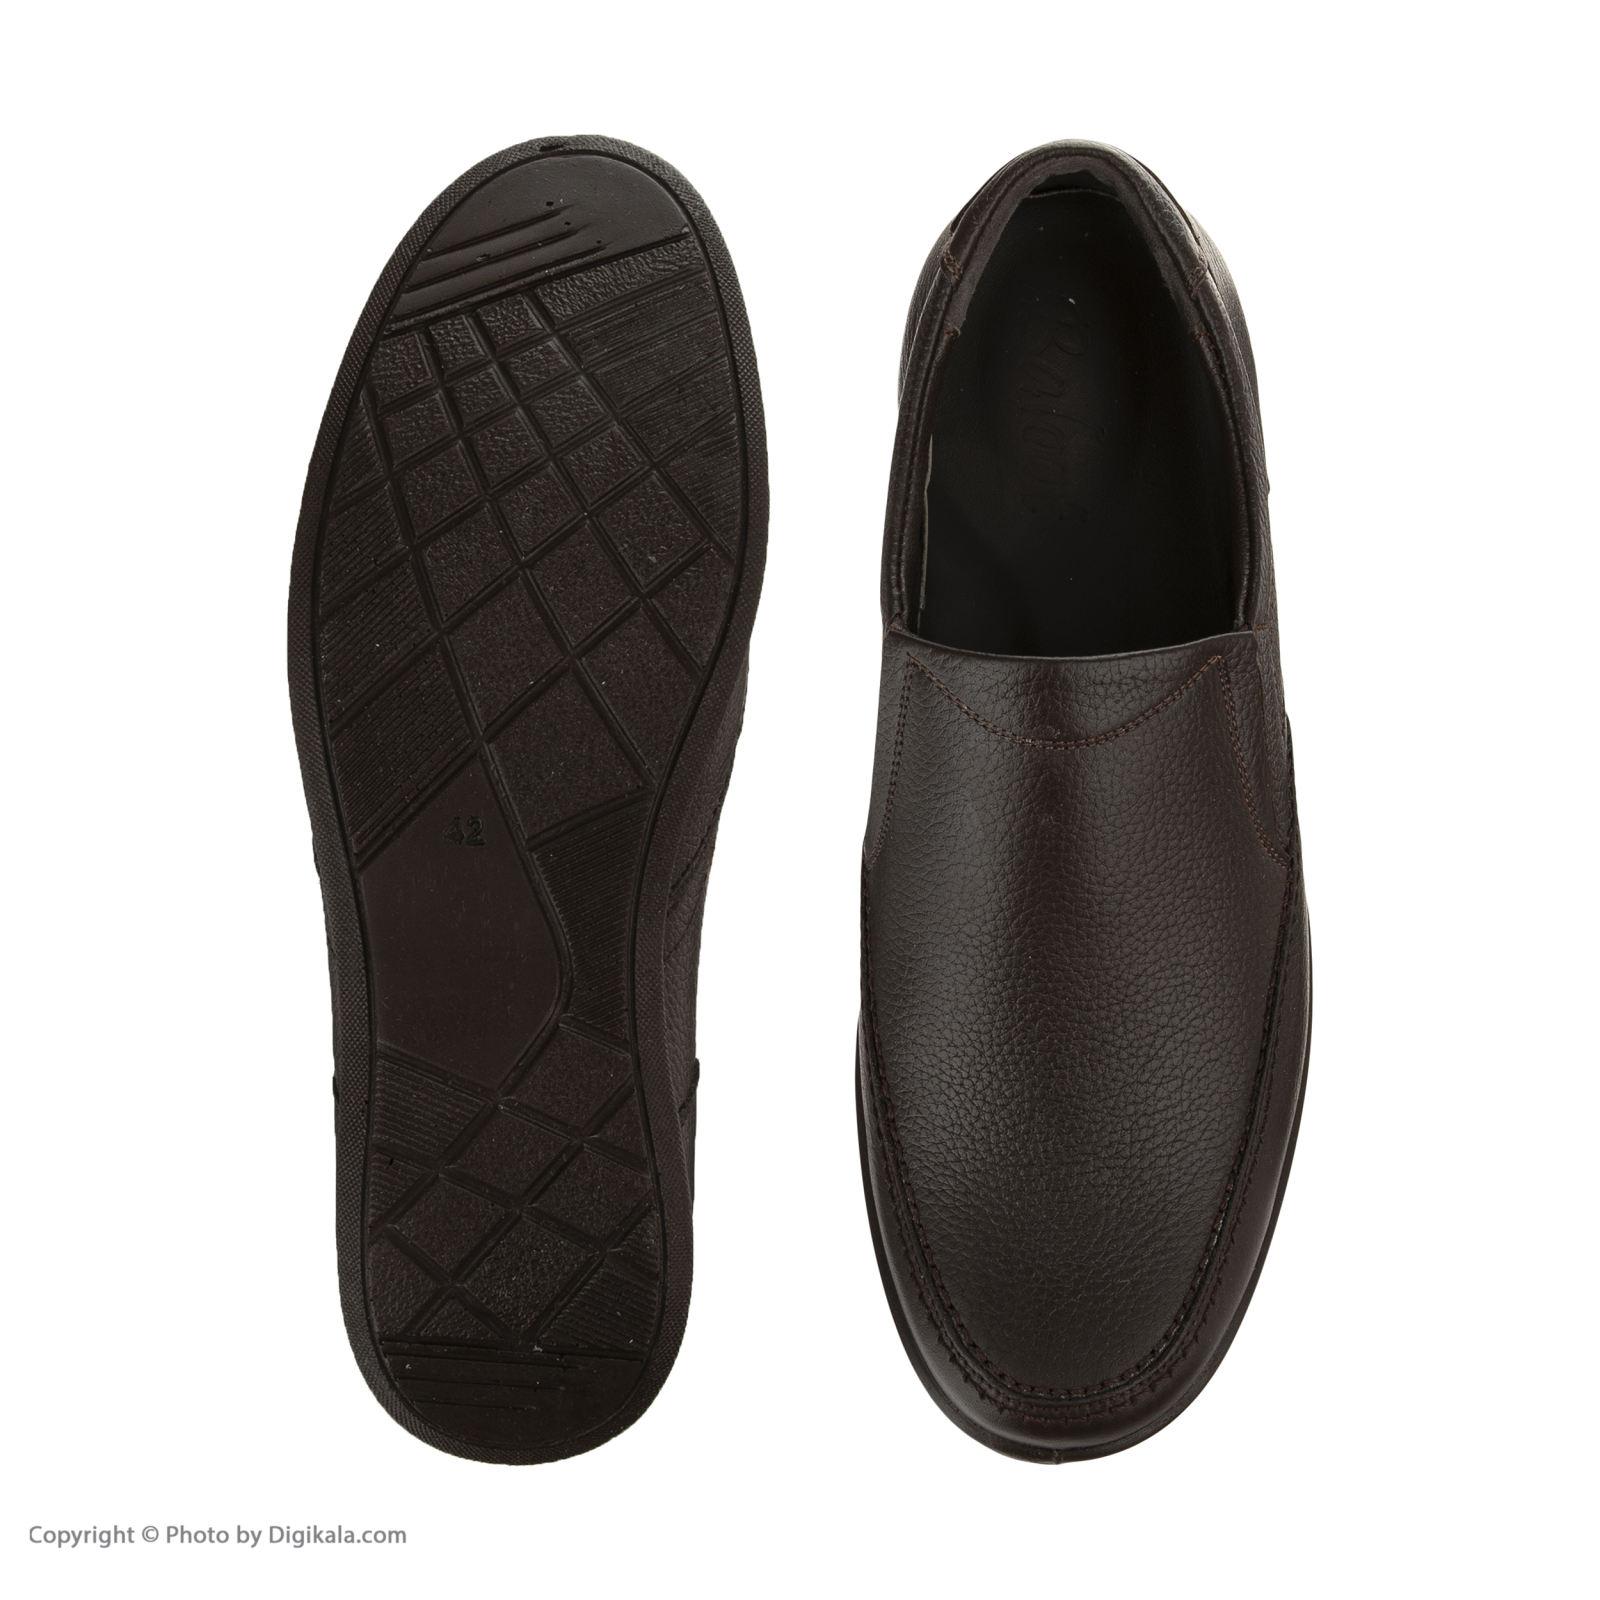 کفش روزمره مردانه بلوط مدل 7296A503104 -  - 4